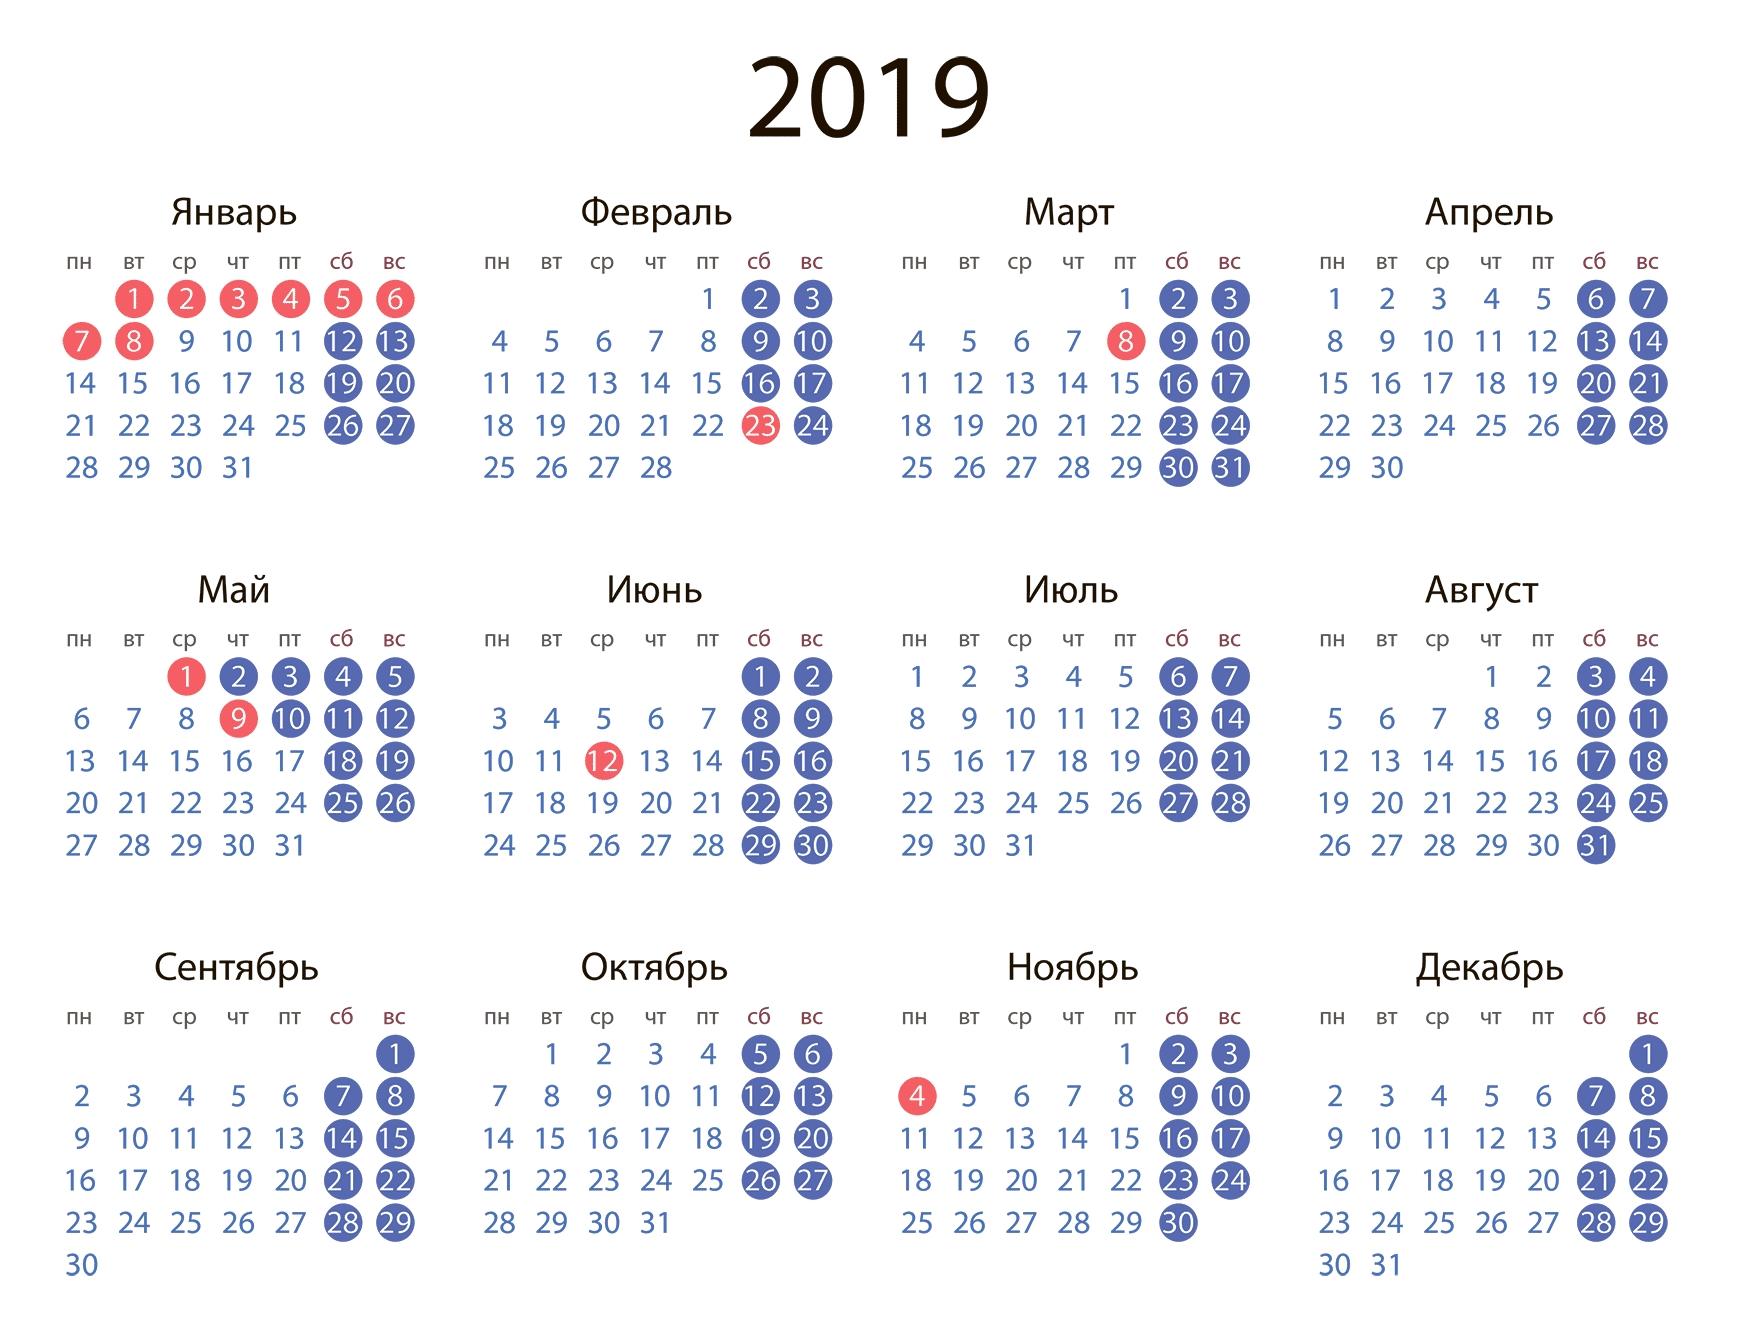 Скачать Календарь На 2019 Год В Форматах: Word, Pdf, Jpg